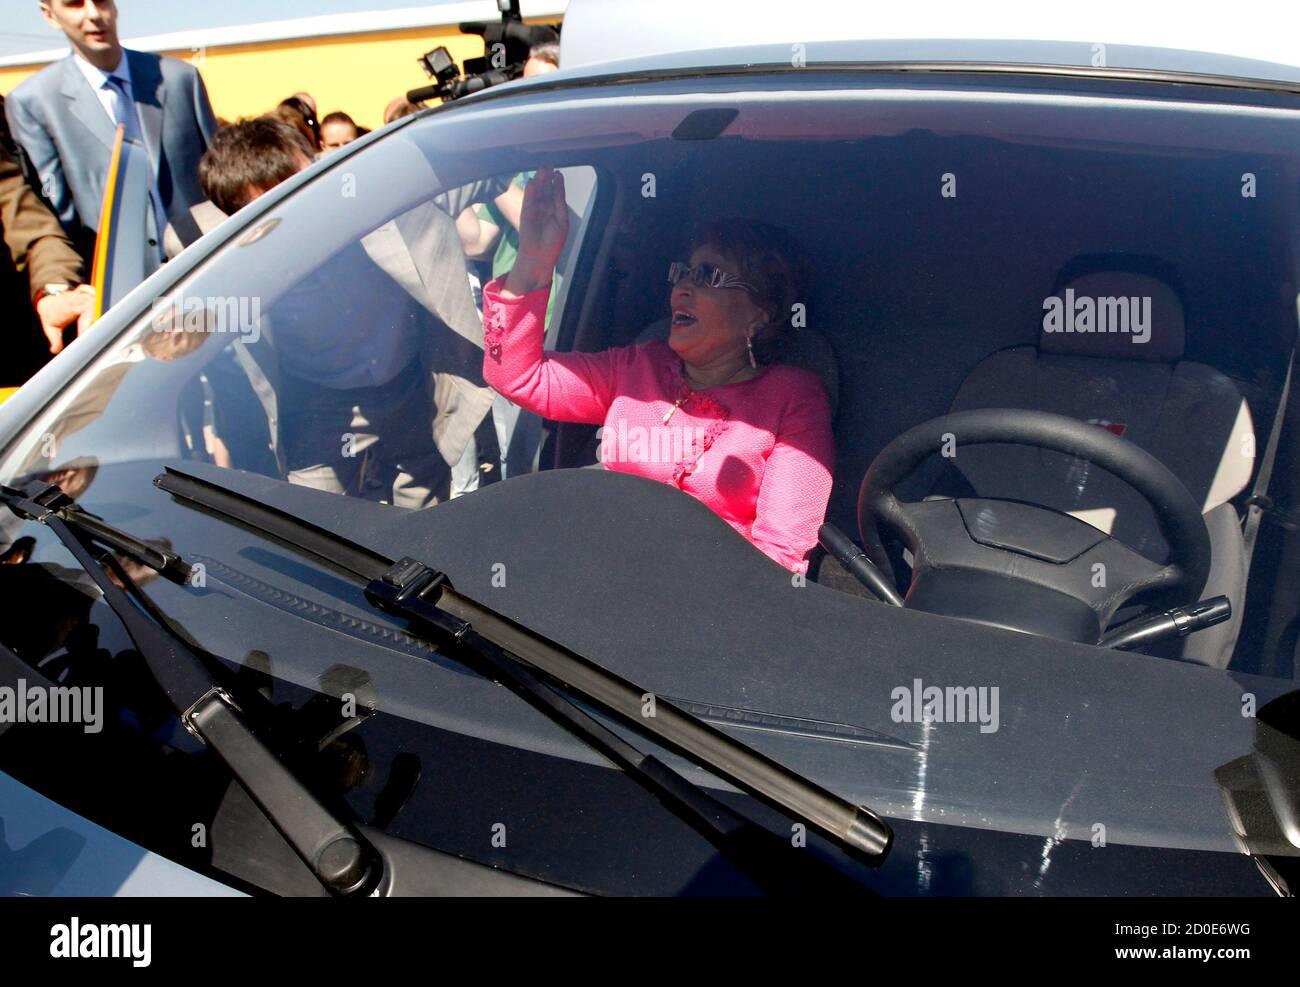 """St. Petersburger Gouverneur Valentina Matviyenko sitzt in einem Furgon Automobil als sie Teil in einer Zeremonie nimmt mit dem Bau der Anlage, russische Auto Marke """"e"""" Neuwagen, entworfen von Onexim Group Unternehmen, im Besitz von Milliardär Mikhail Prokhorov, außerhalb von St. Petersburg 8. Juni 2011 zu produzieren beginnen. Neue russische Automarke """"e"""" (""""e mit zwei Punkten oben"""" ist der siebte Buchstabe im russischen Alphabet) Automobile werden weltweit billigsten Hybriden, Preis festgesetzt bei $10.000, nach Vertreter der Gesellschaft.  REUTERS/Alexander Demianchuk (Russland - Tags: BUSINESS TRANSPORT Bau POL Stockfoto"""